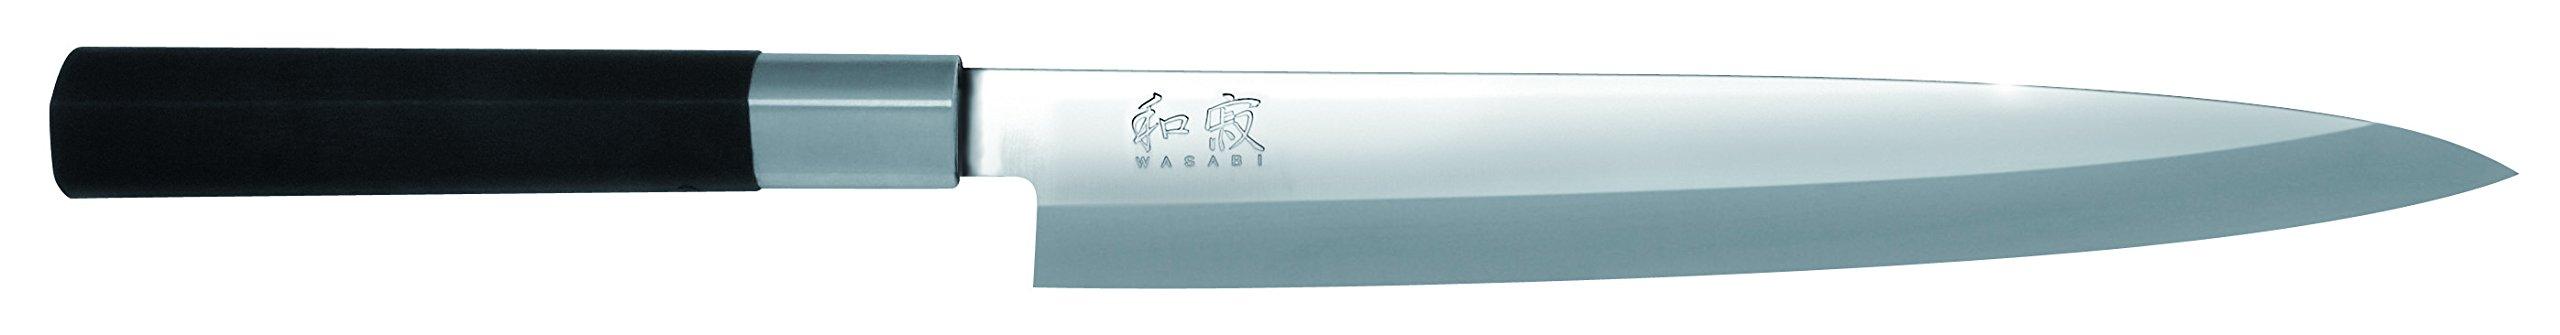 Kai Wasabi Black Yanagiba Knife, 8 1/4-Inch